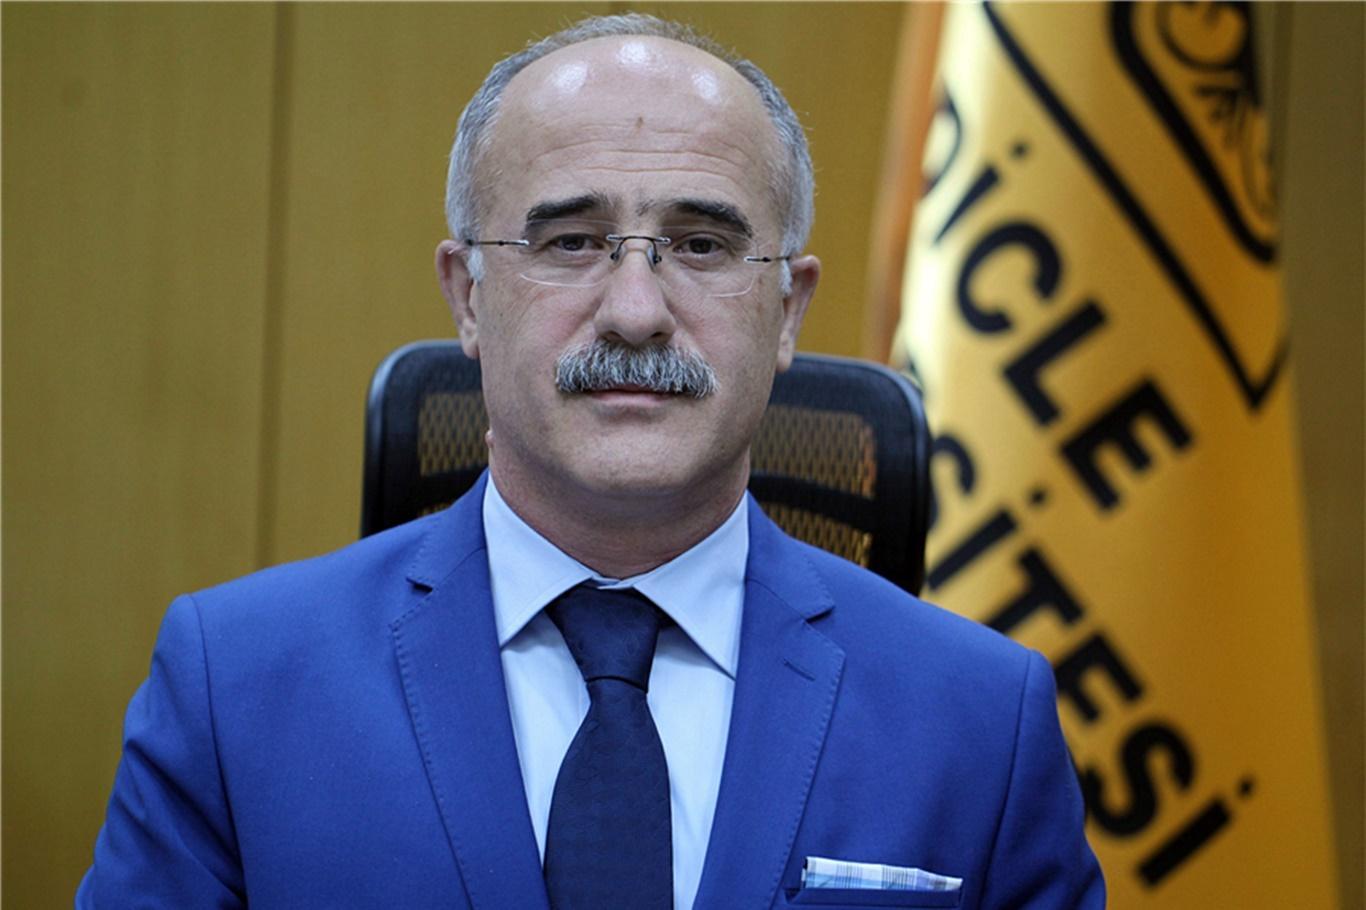 Dicle Üniversitesi Hastaneleri Başhekimi Kadiroğlu görevden alındı